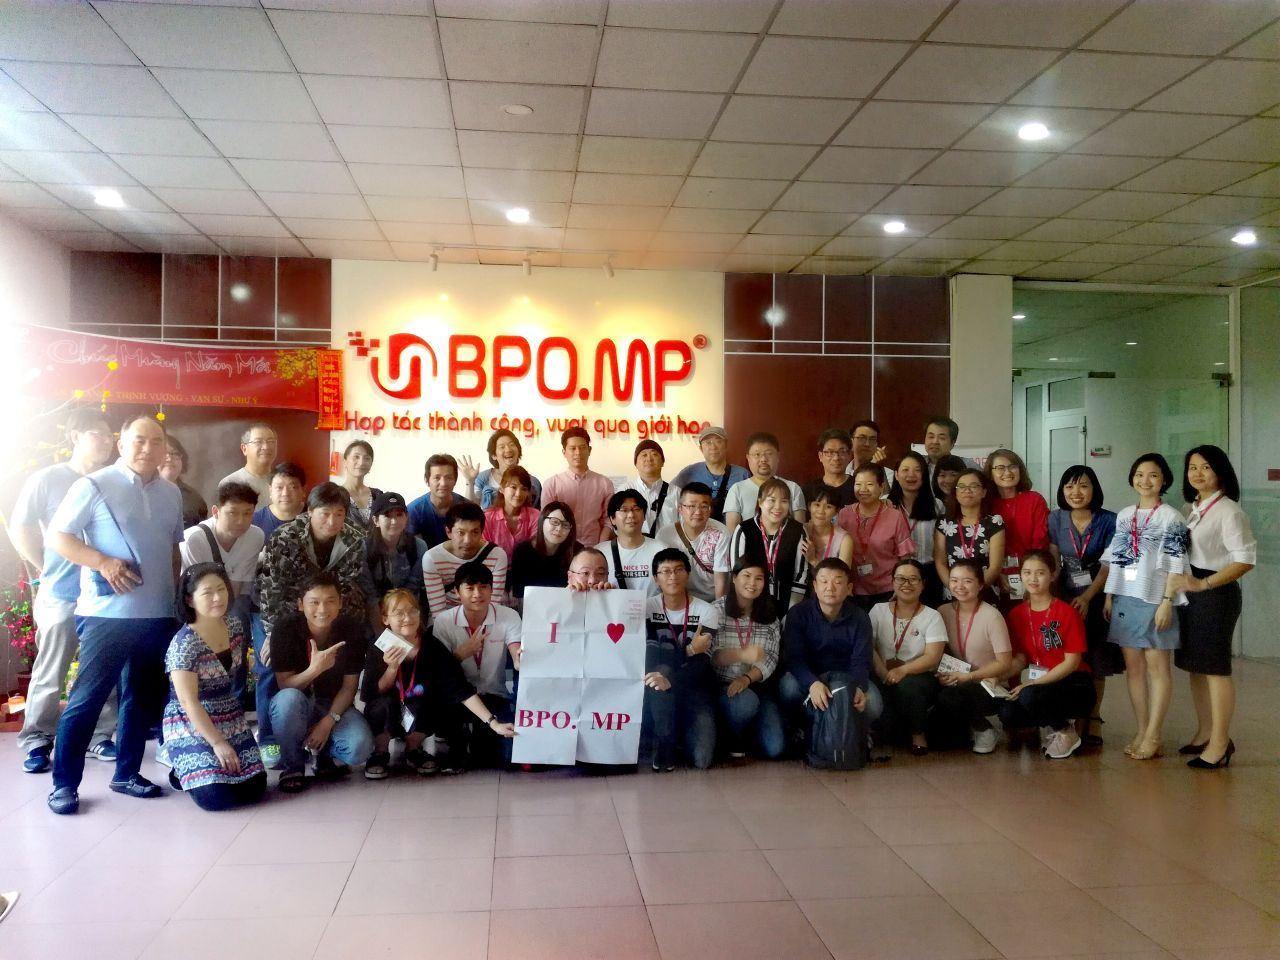 Chuyến Giao Lưu Giữa Công Ty JPMD Và BPO.MP